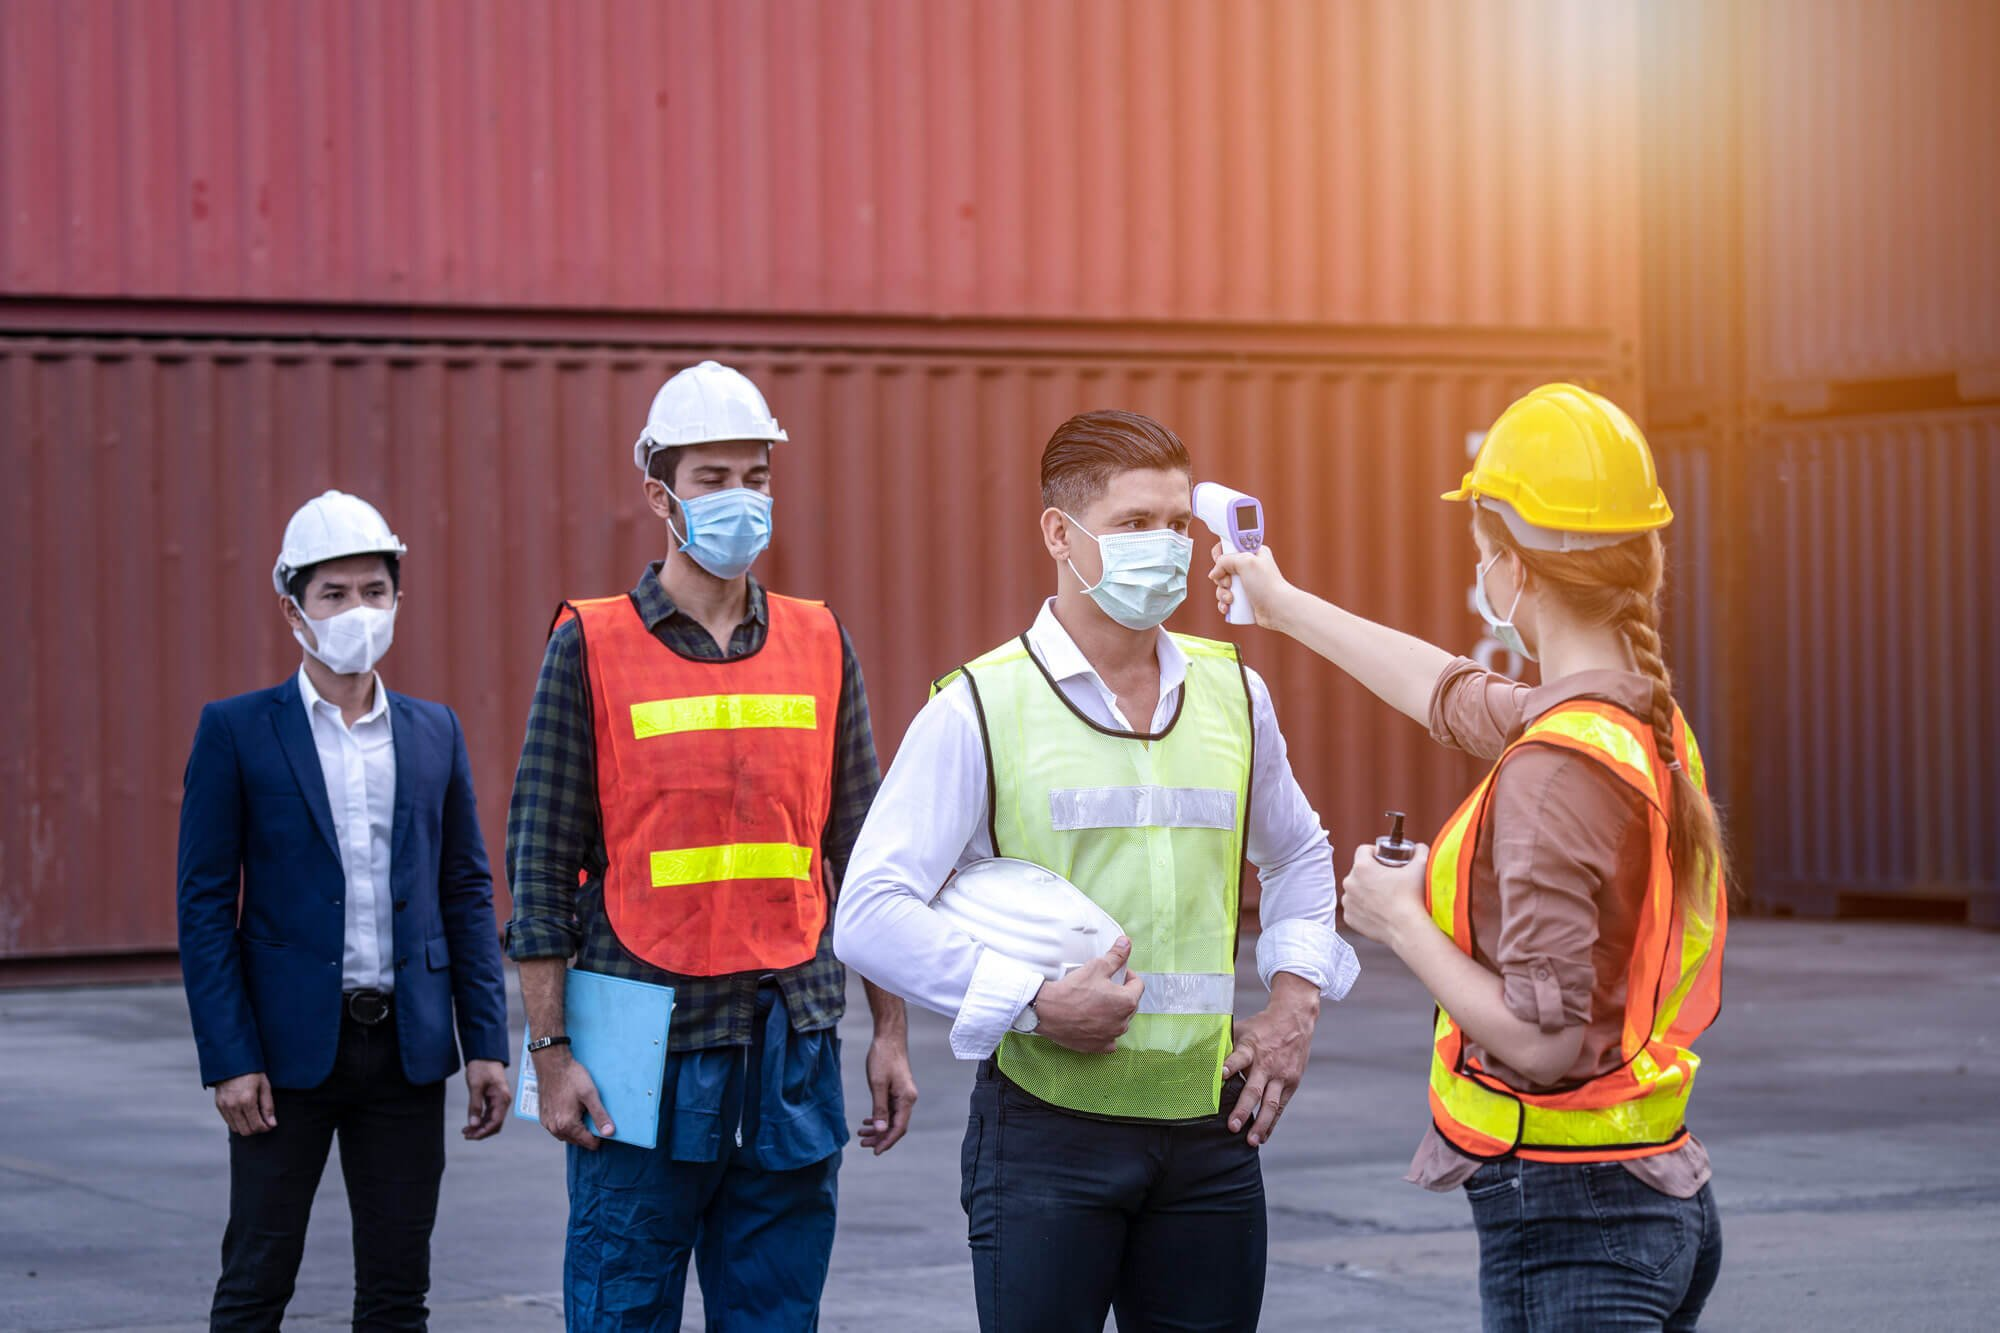 COVID-19 Precautions at a job site